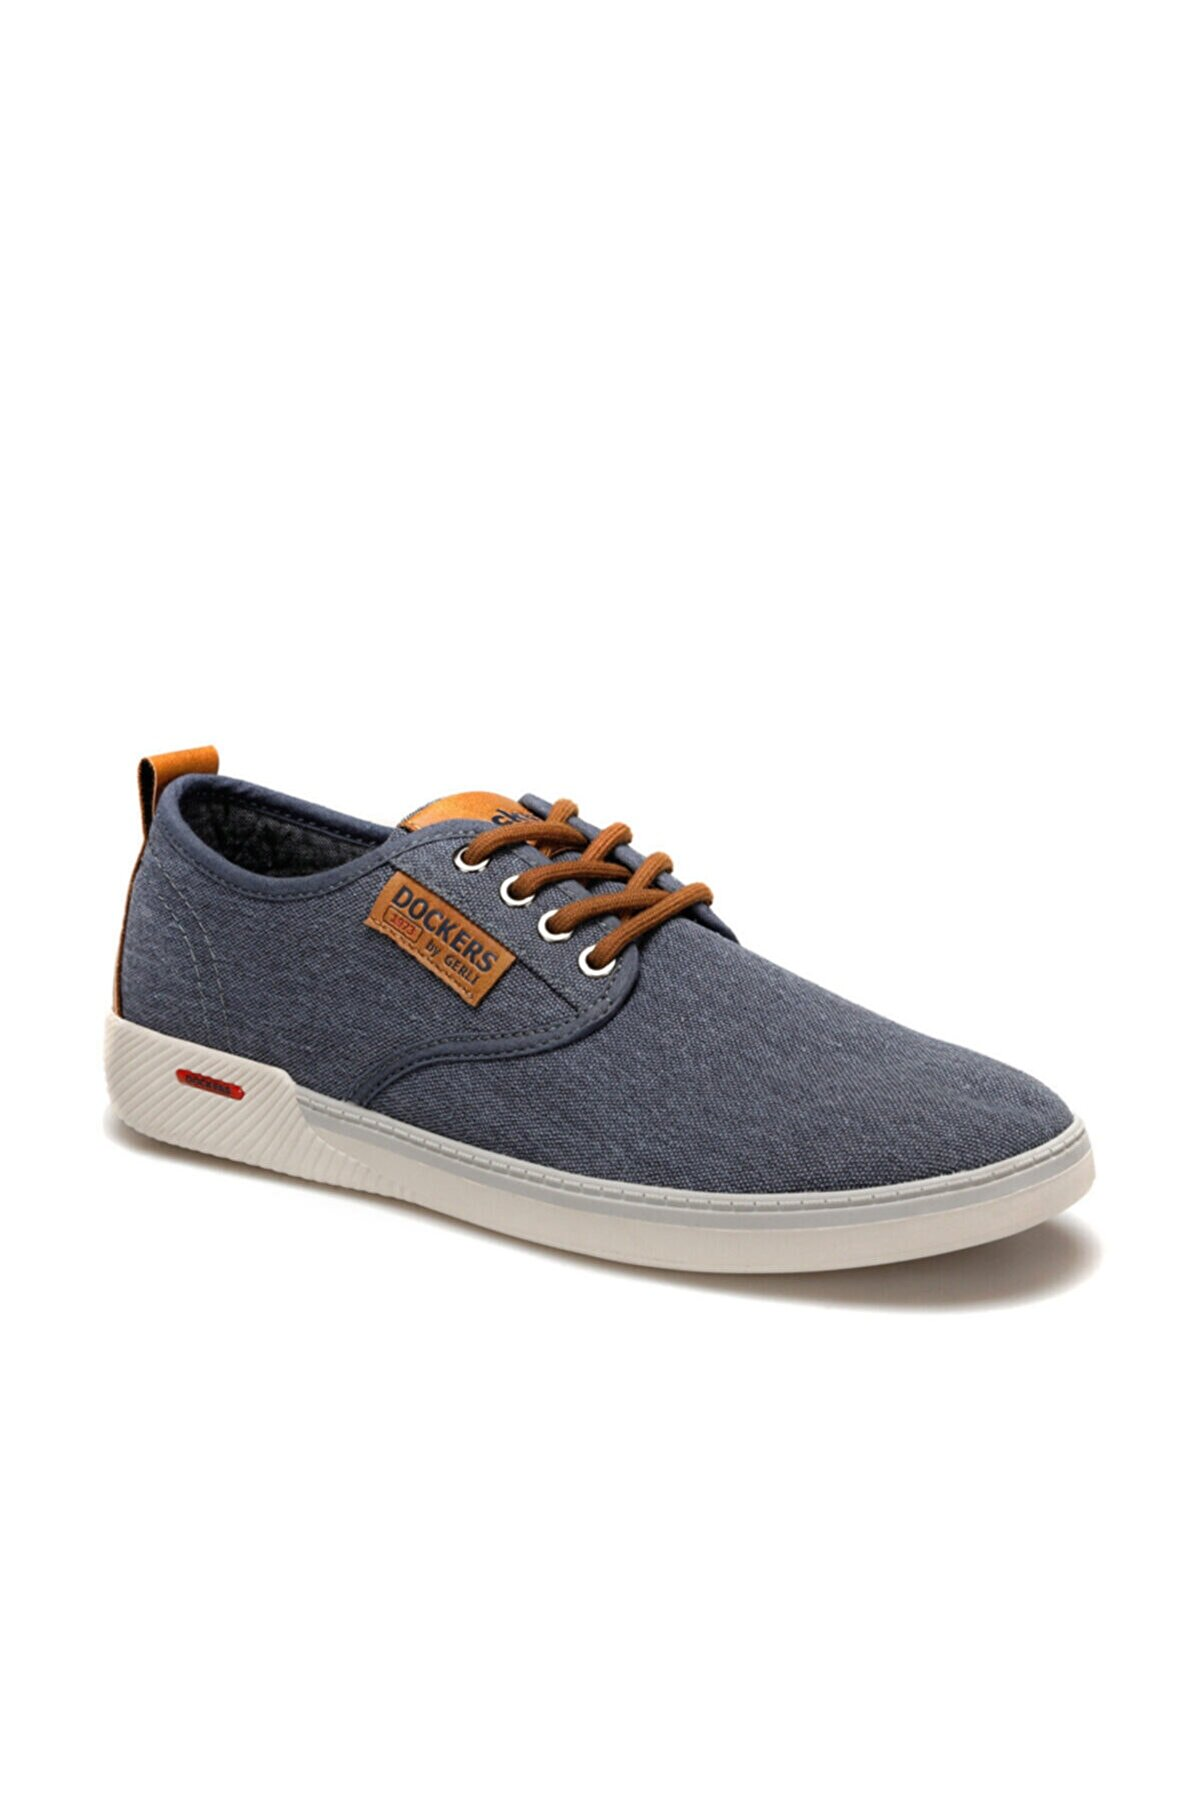 Dockers 228525 Lacivert Erkek Günlük Ayakkabı